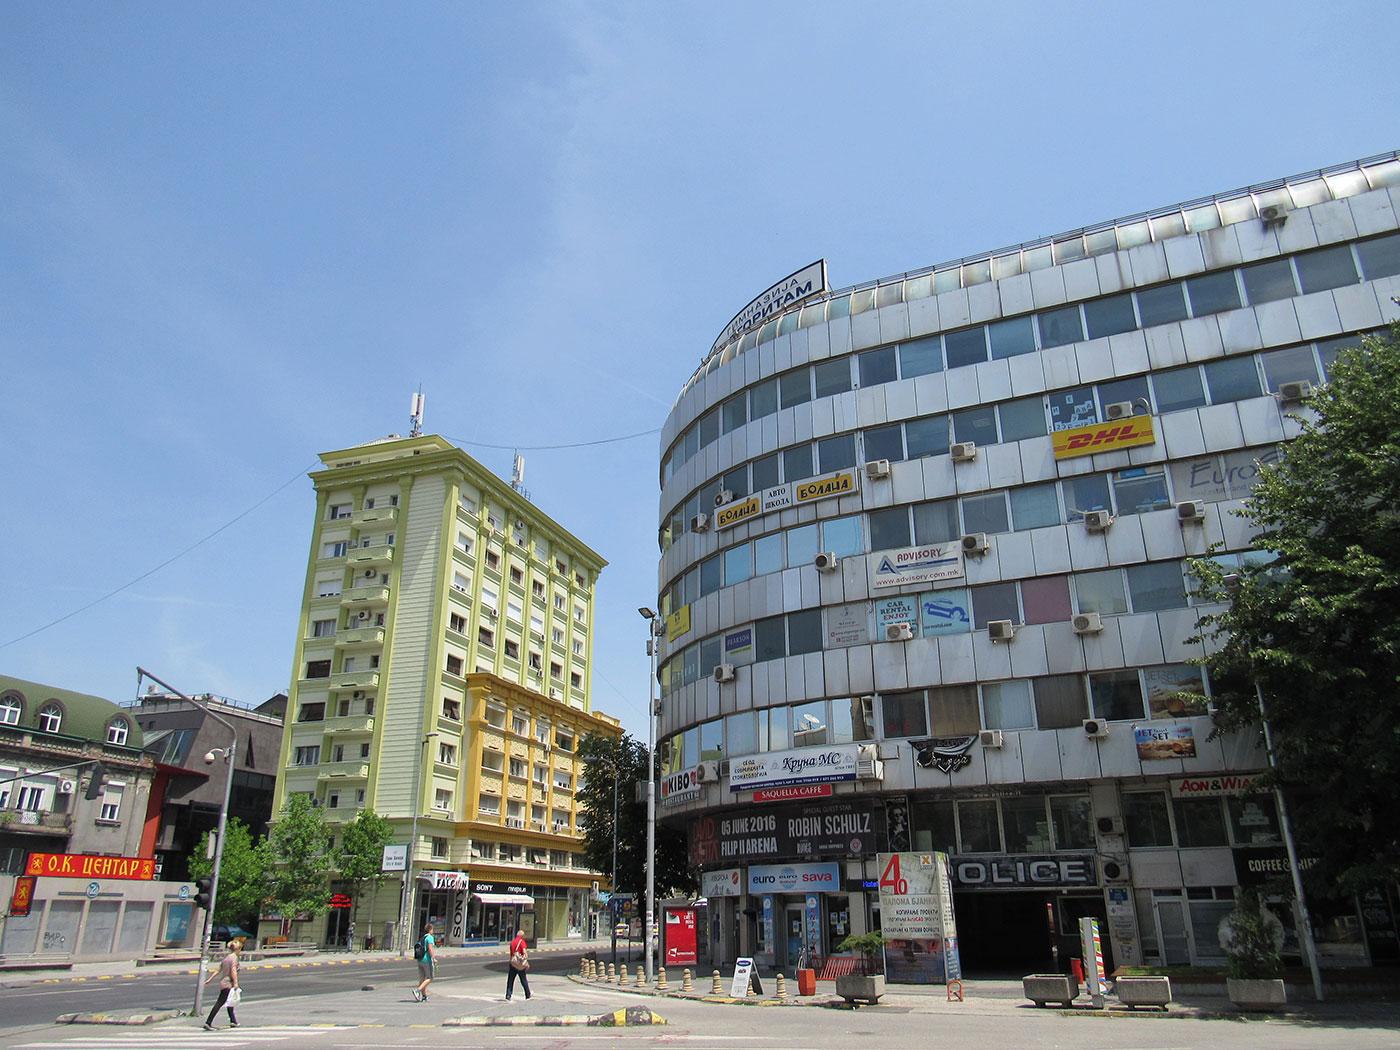 """Деловниот објект """"Палома Бјанка"""" пред да започнат работите за изведба на неокласицистичката фасада. 86-годишниот автор вели дека тој никогаш не бил консултиран / Фото: Бојан Блажевски"""